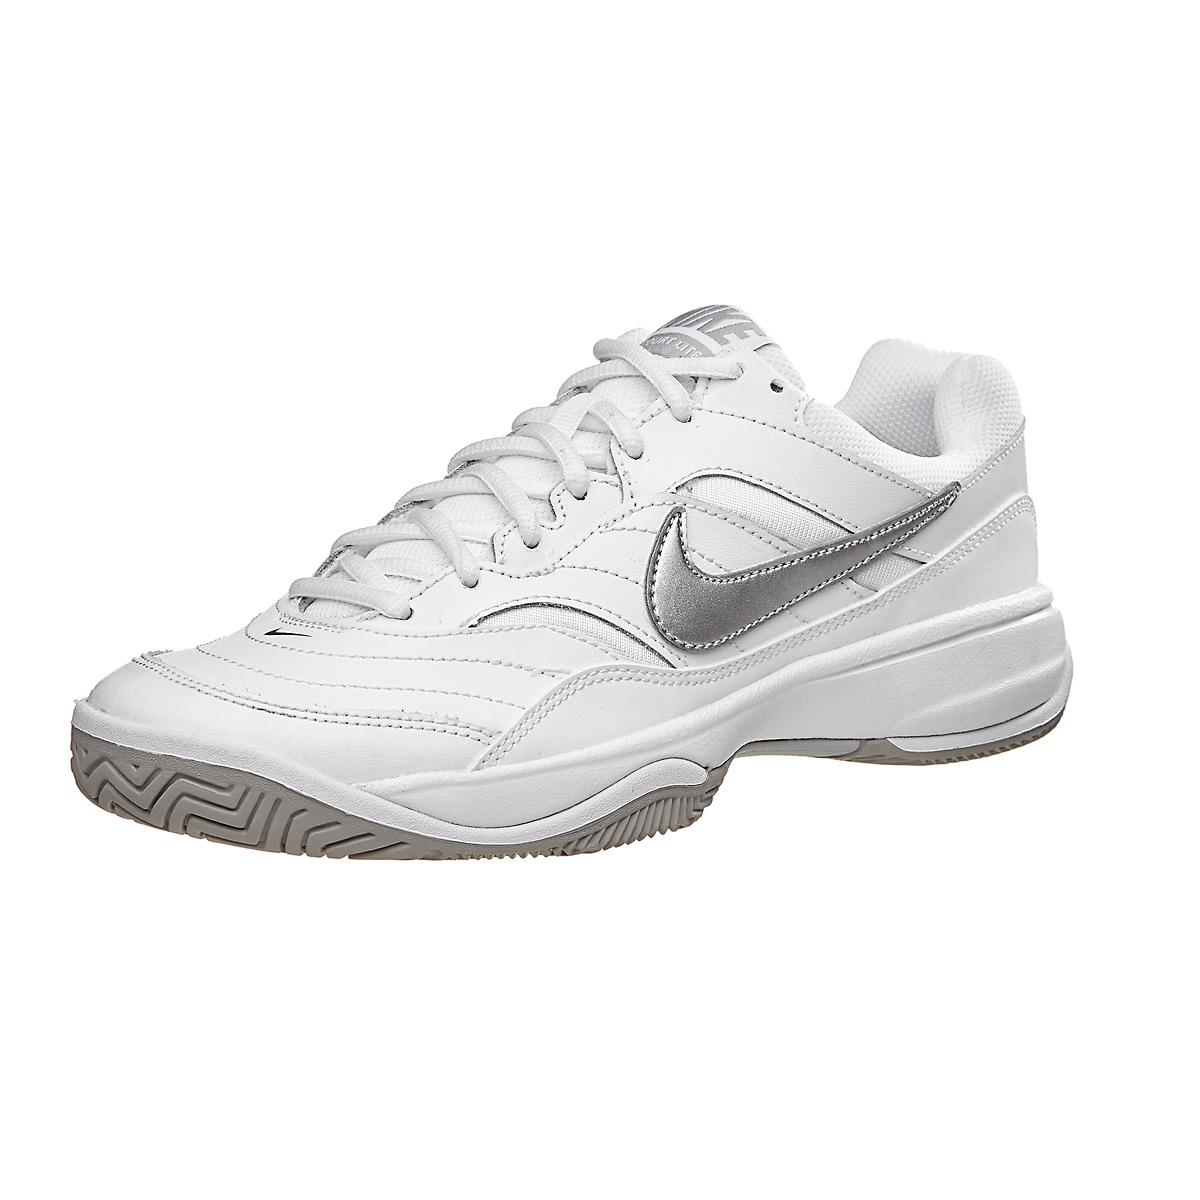 35c5de6a4e59f Tênis Nike Feminino Court Lite Branco e Cinza - Empório do Tenista